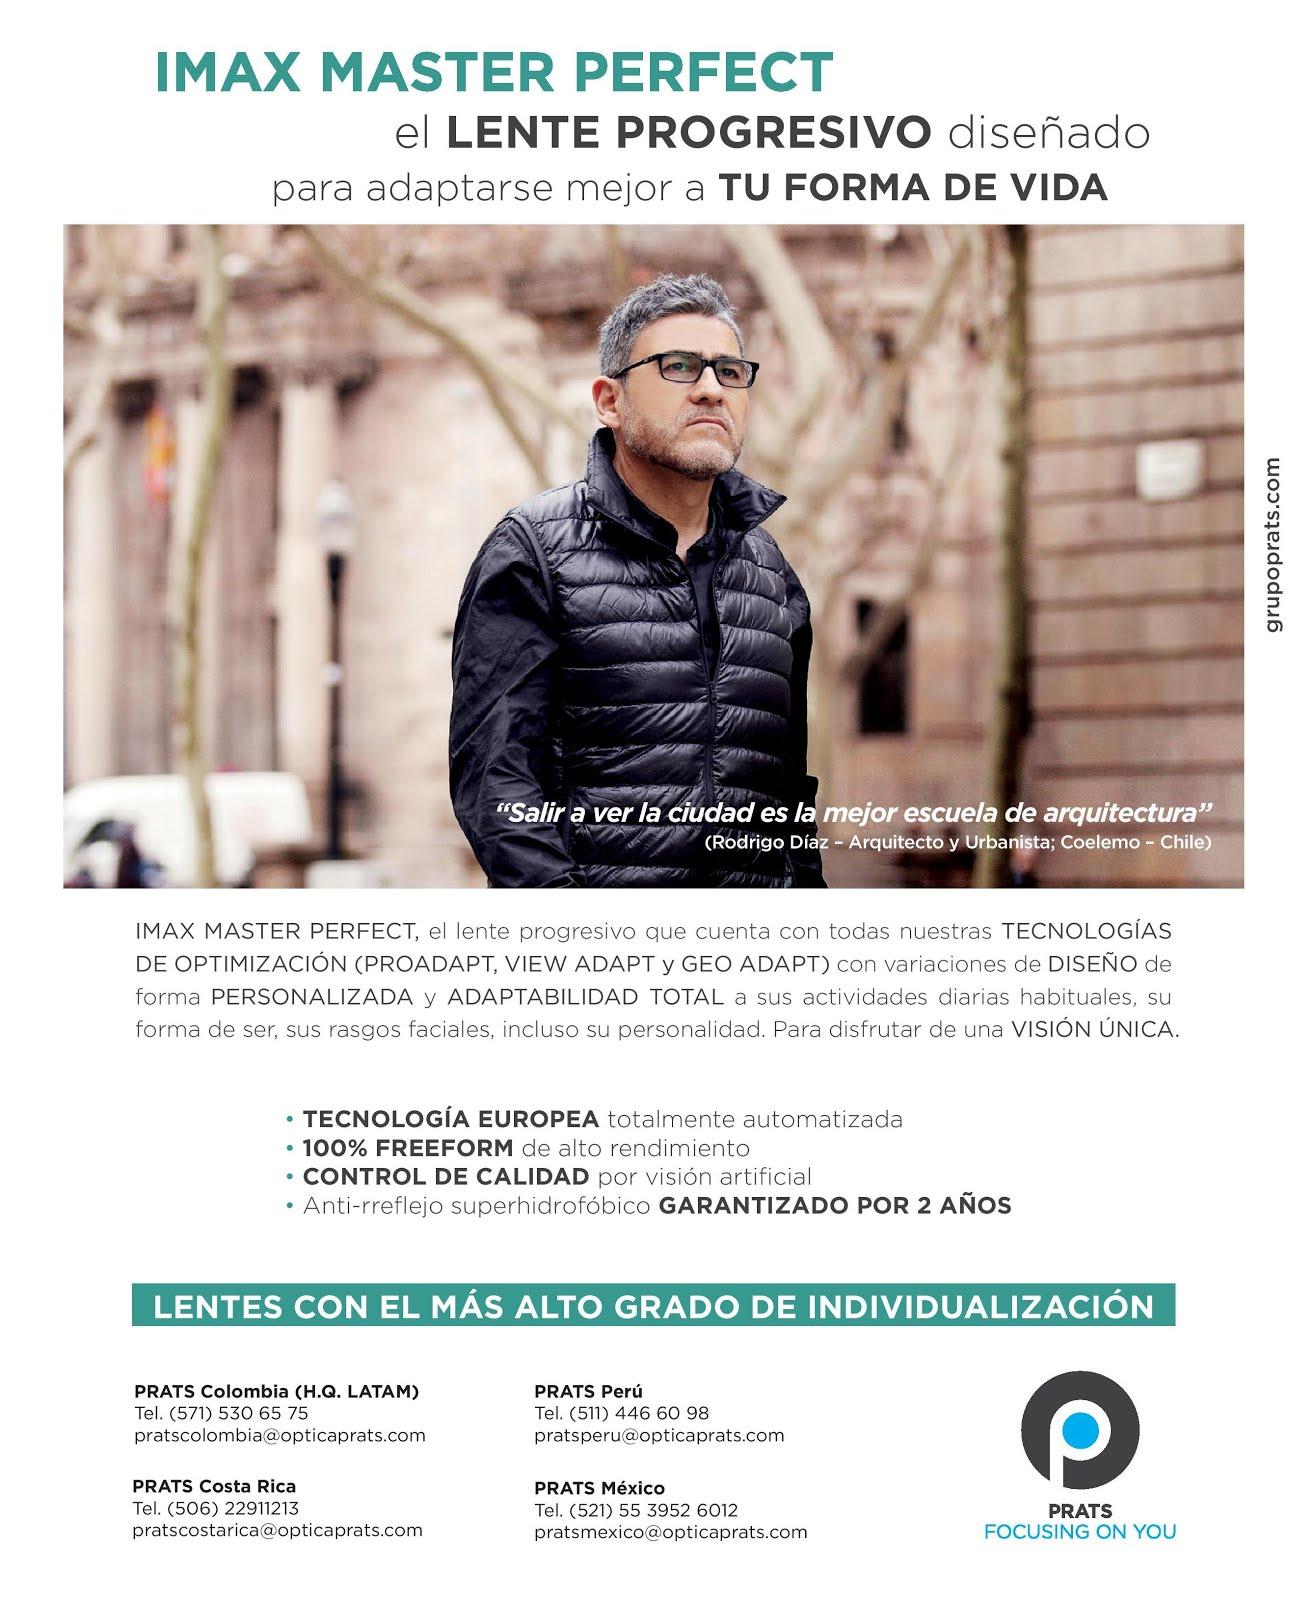 PRATS PERÚ CEL 446-6098 / 976 342 882